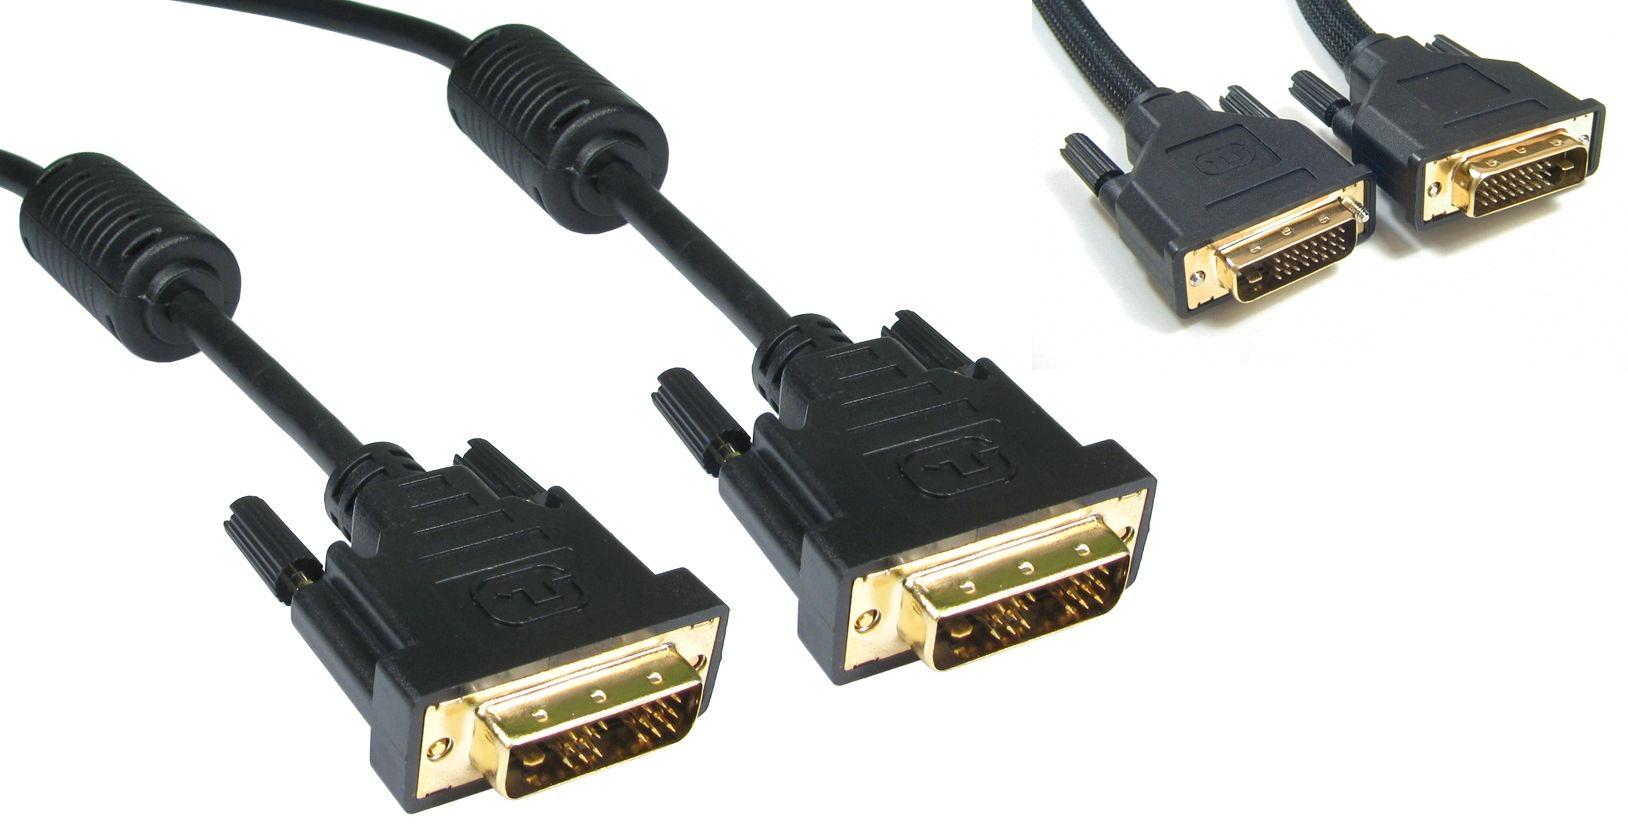 Купить цифровой аналоговый видео кабель для телевизора монитора VGA HDMI DVI S-VHS в Макеевке Донецке Харцызске Горловке Снежное